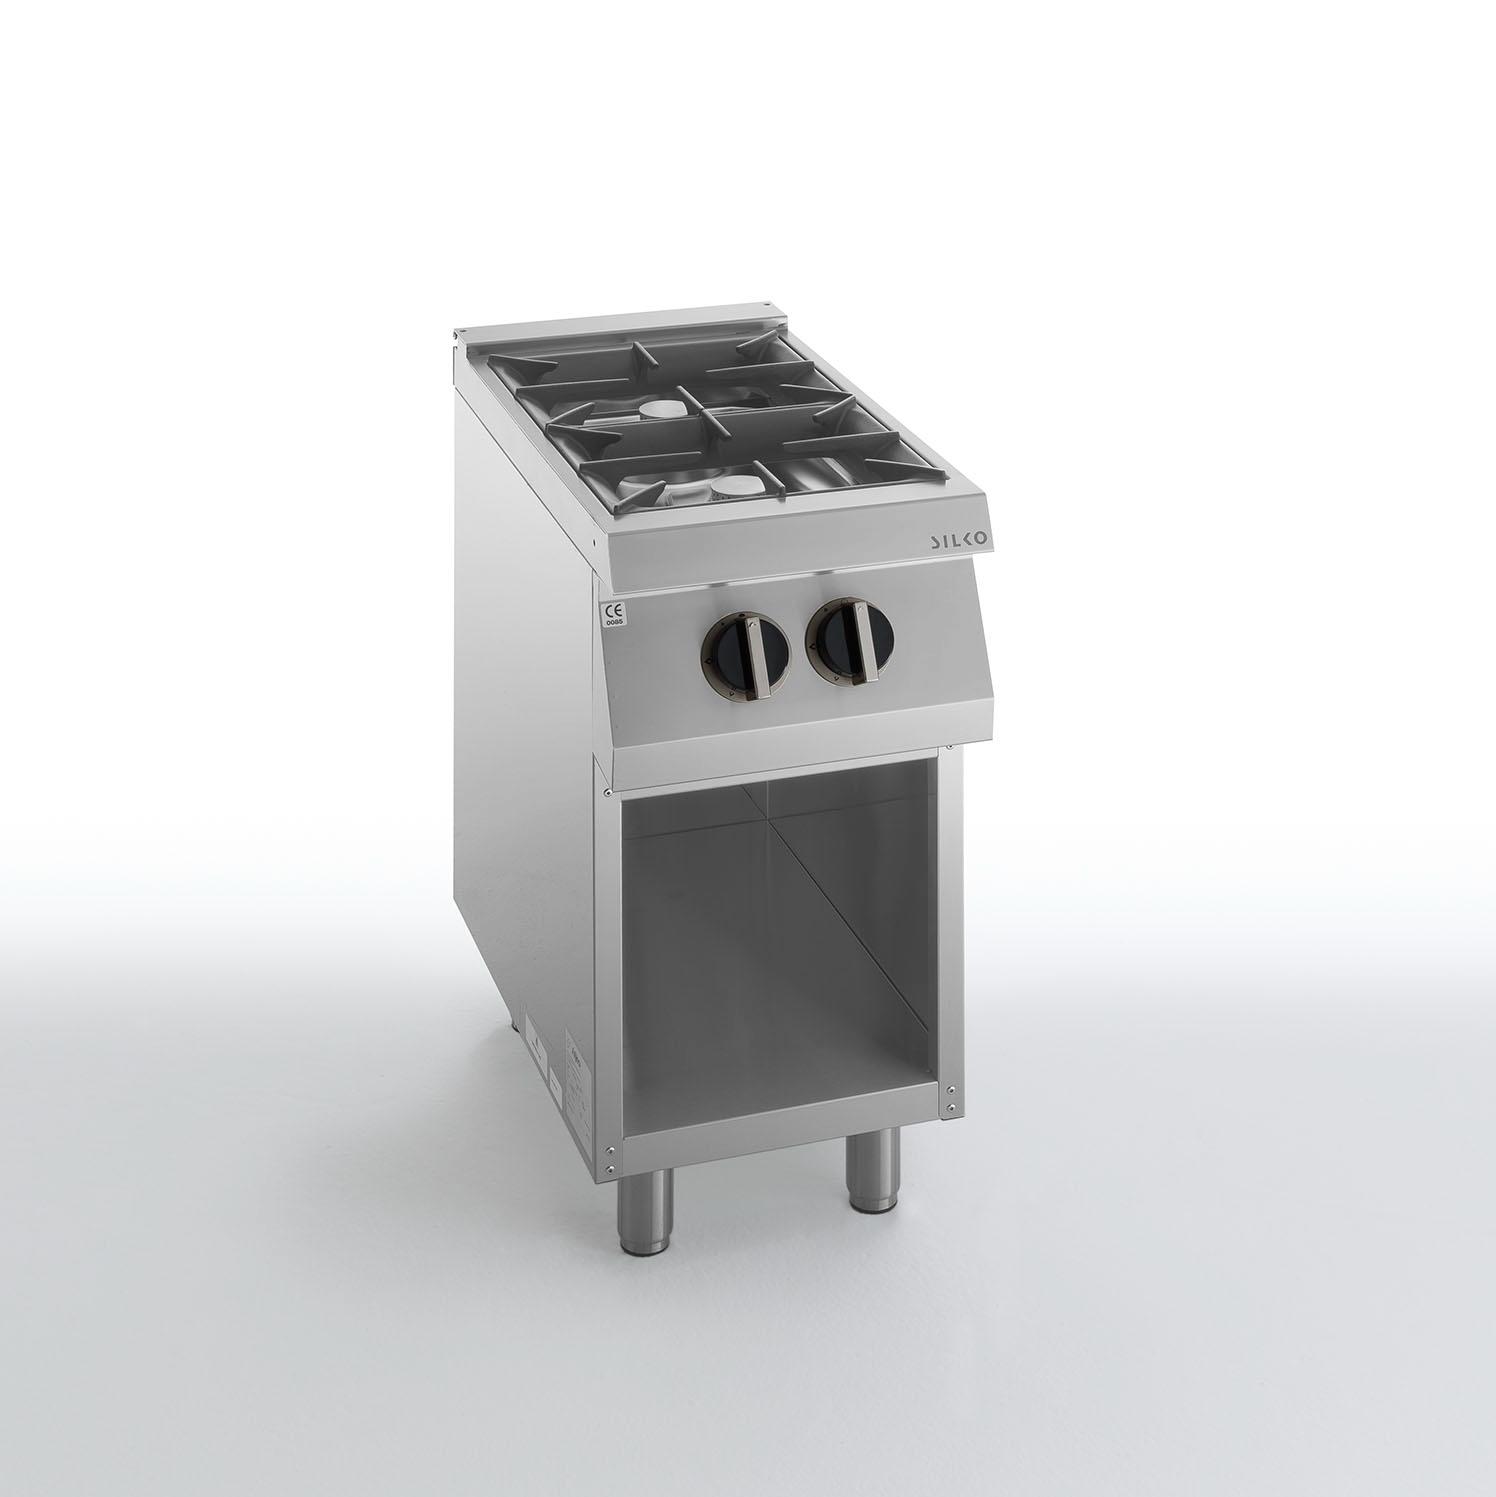 Cucine cucina 2 fuochi a gas su vano a giorno serie 700 - Migliore cucina a gas ...